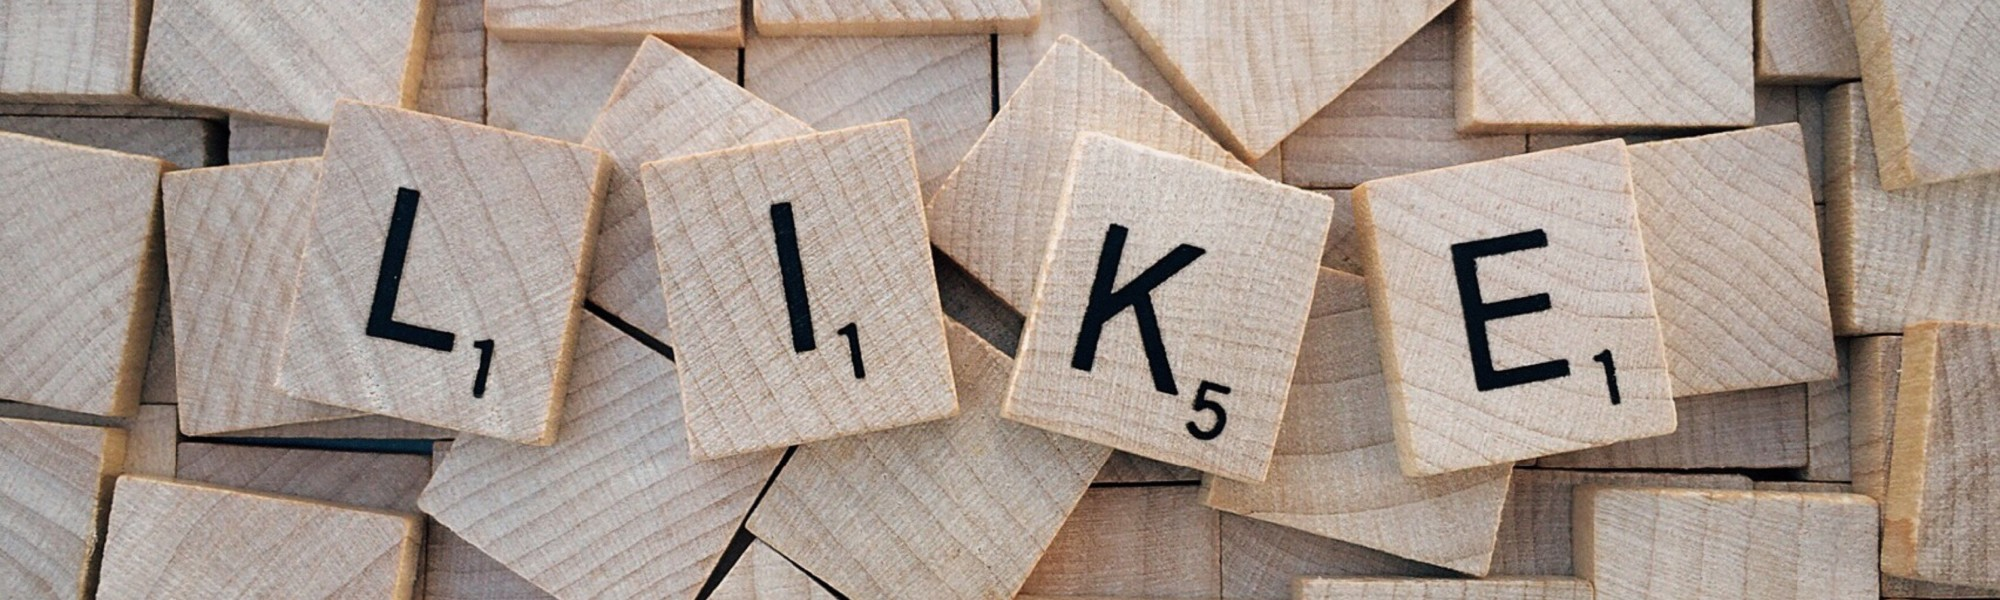 Sanapeli josta käännetty kirjaimet L, I, K, E eli like